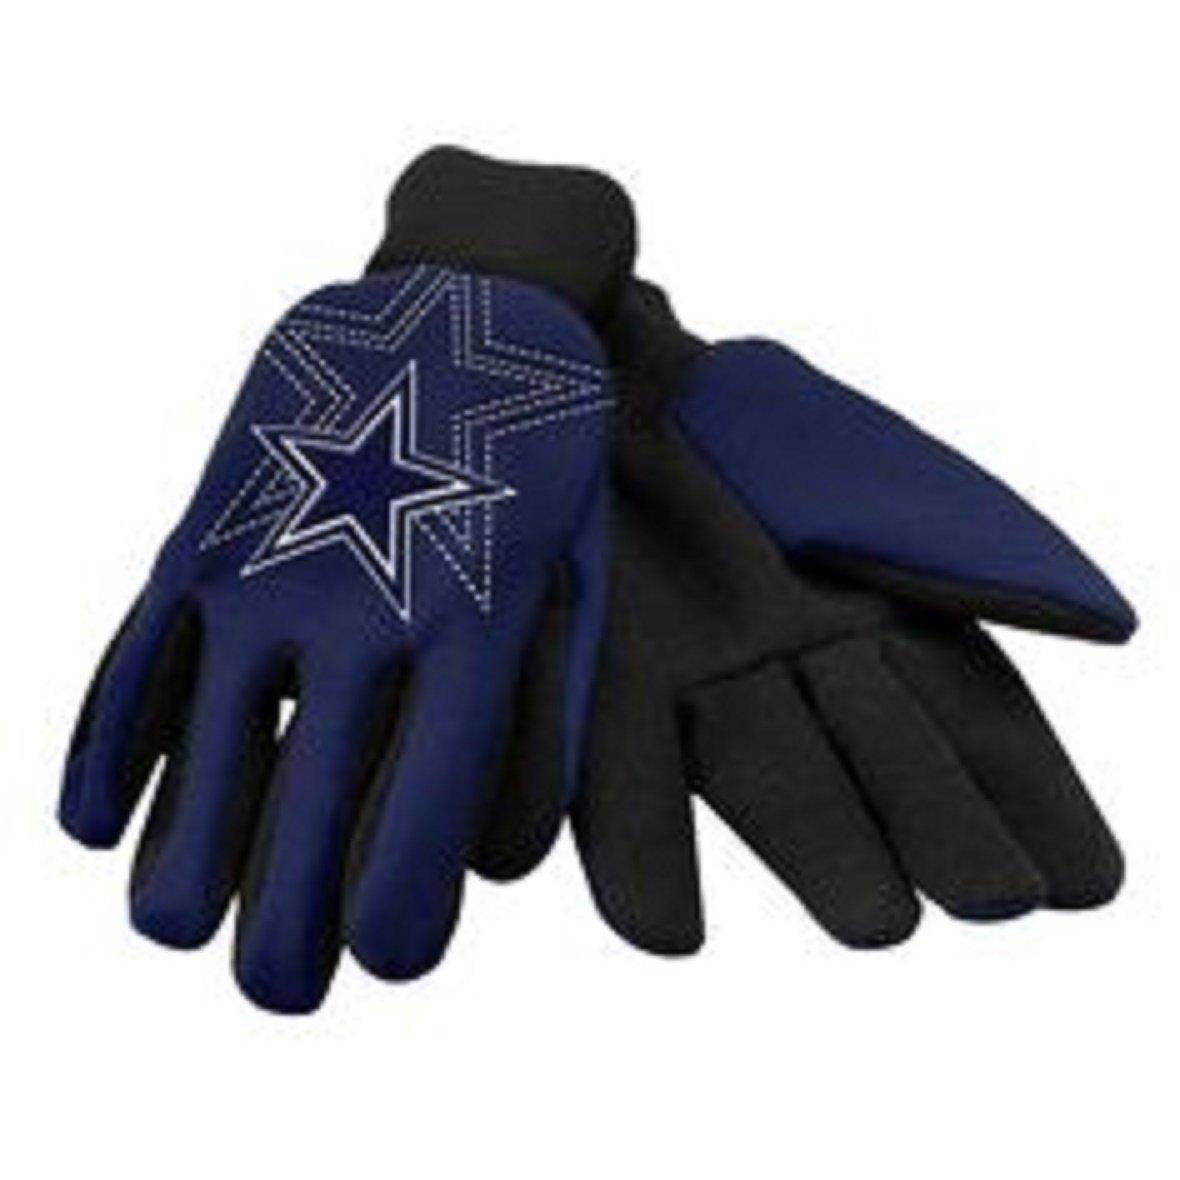 McArthurスポーツダラスカウボーイズスポーツユーティリティ手袋 – 1ペア   B00QCJPYJ0